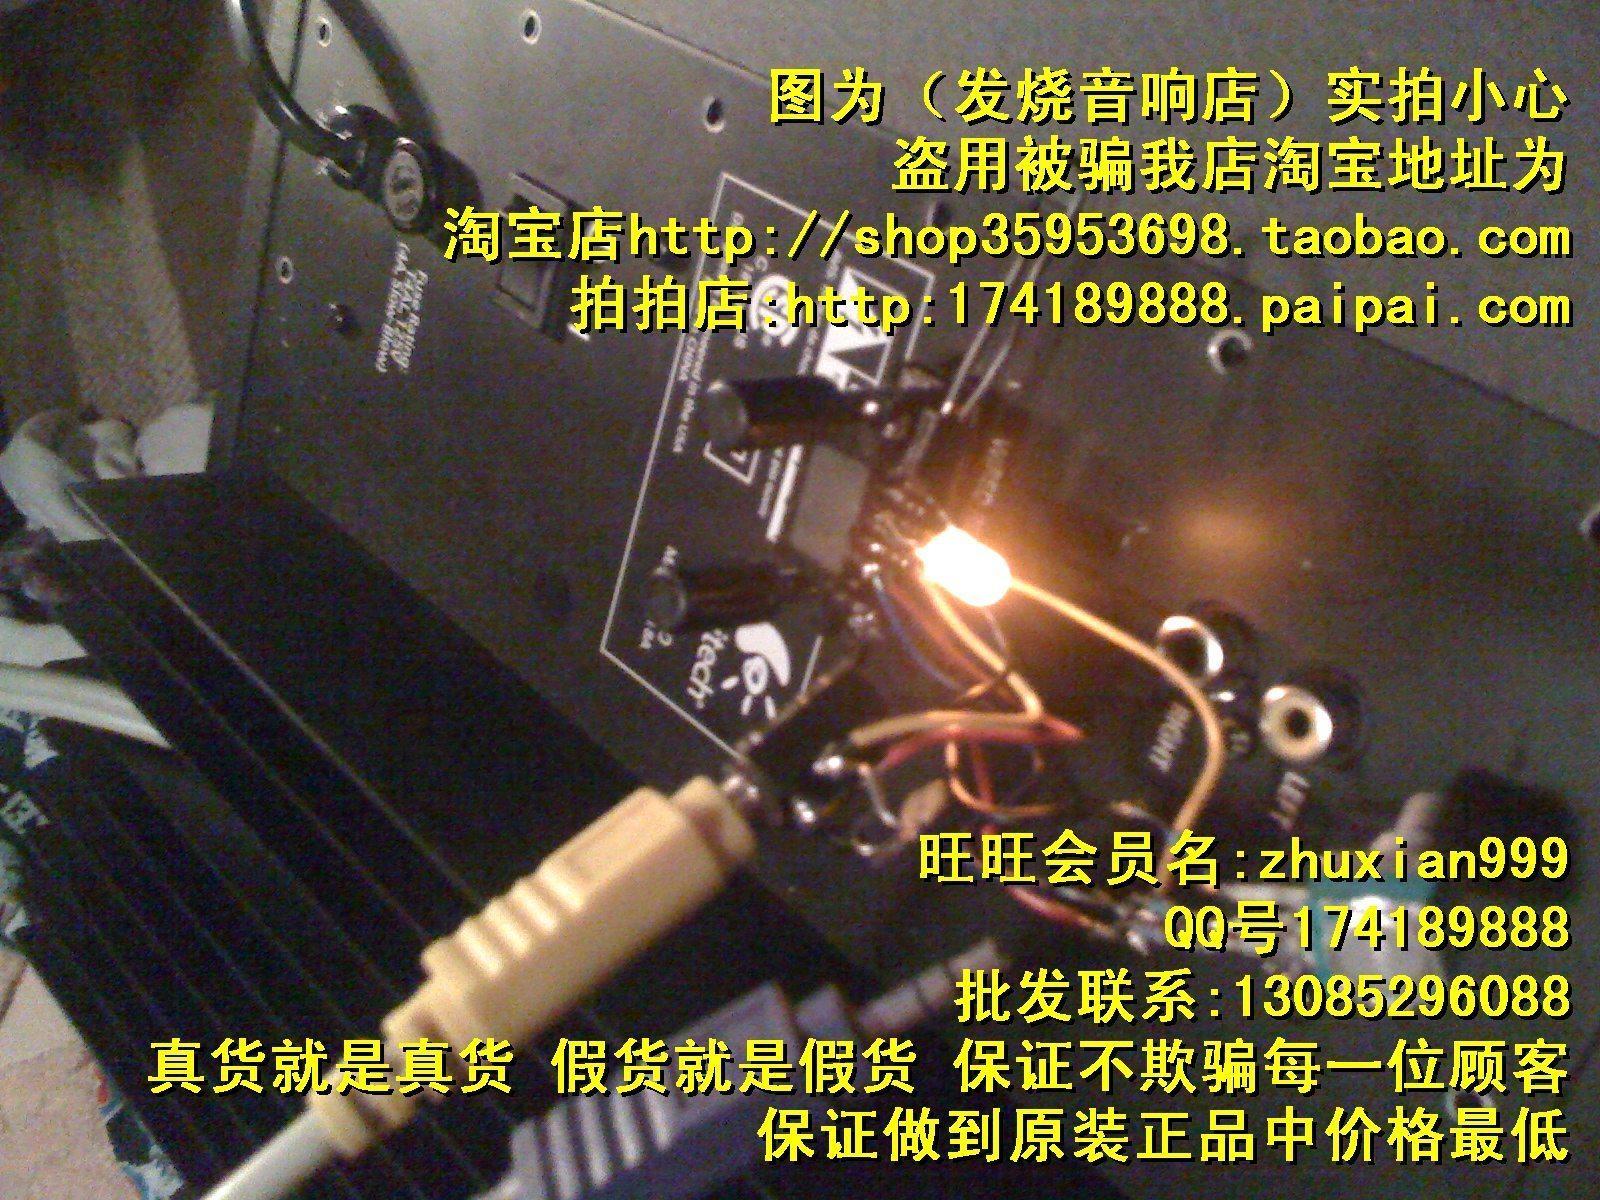 典藏库存奥特蓝星ALTECFX4021 震撼2.1低音炮电脑音箱 价格:800.00